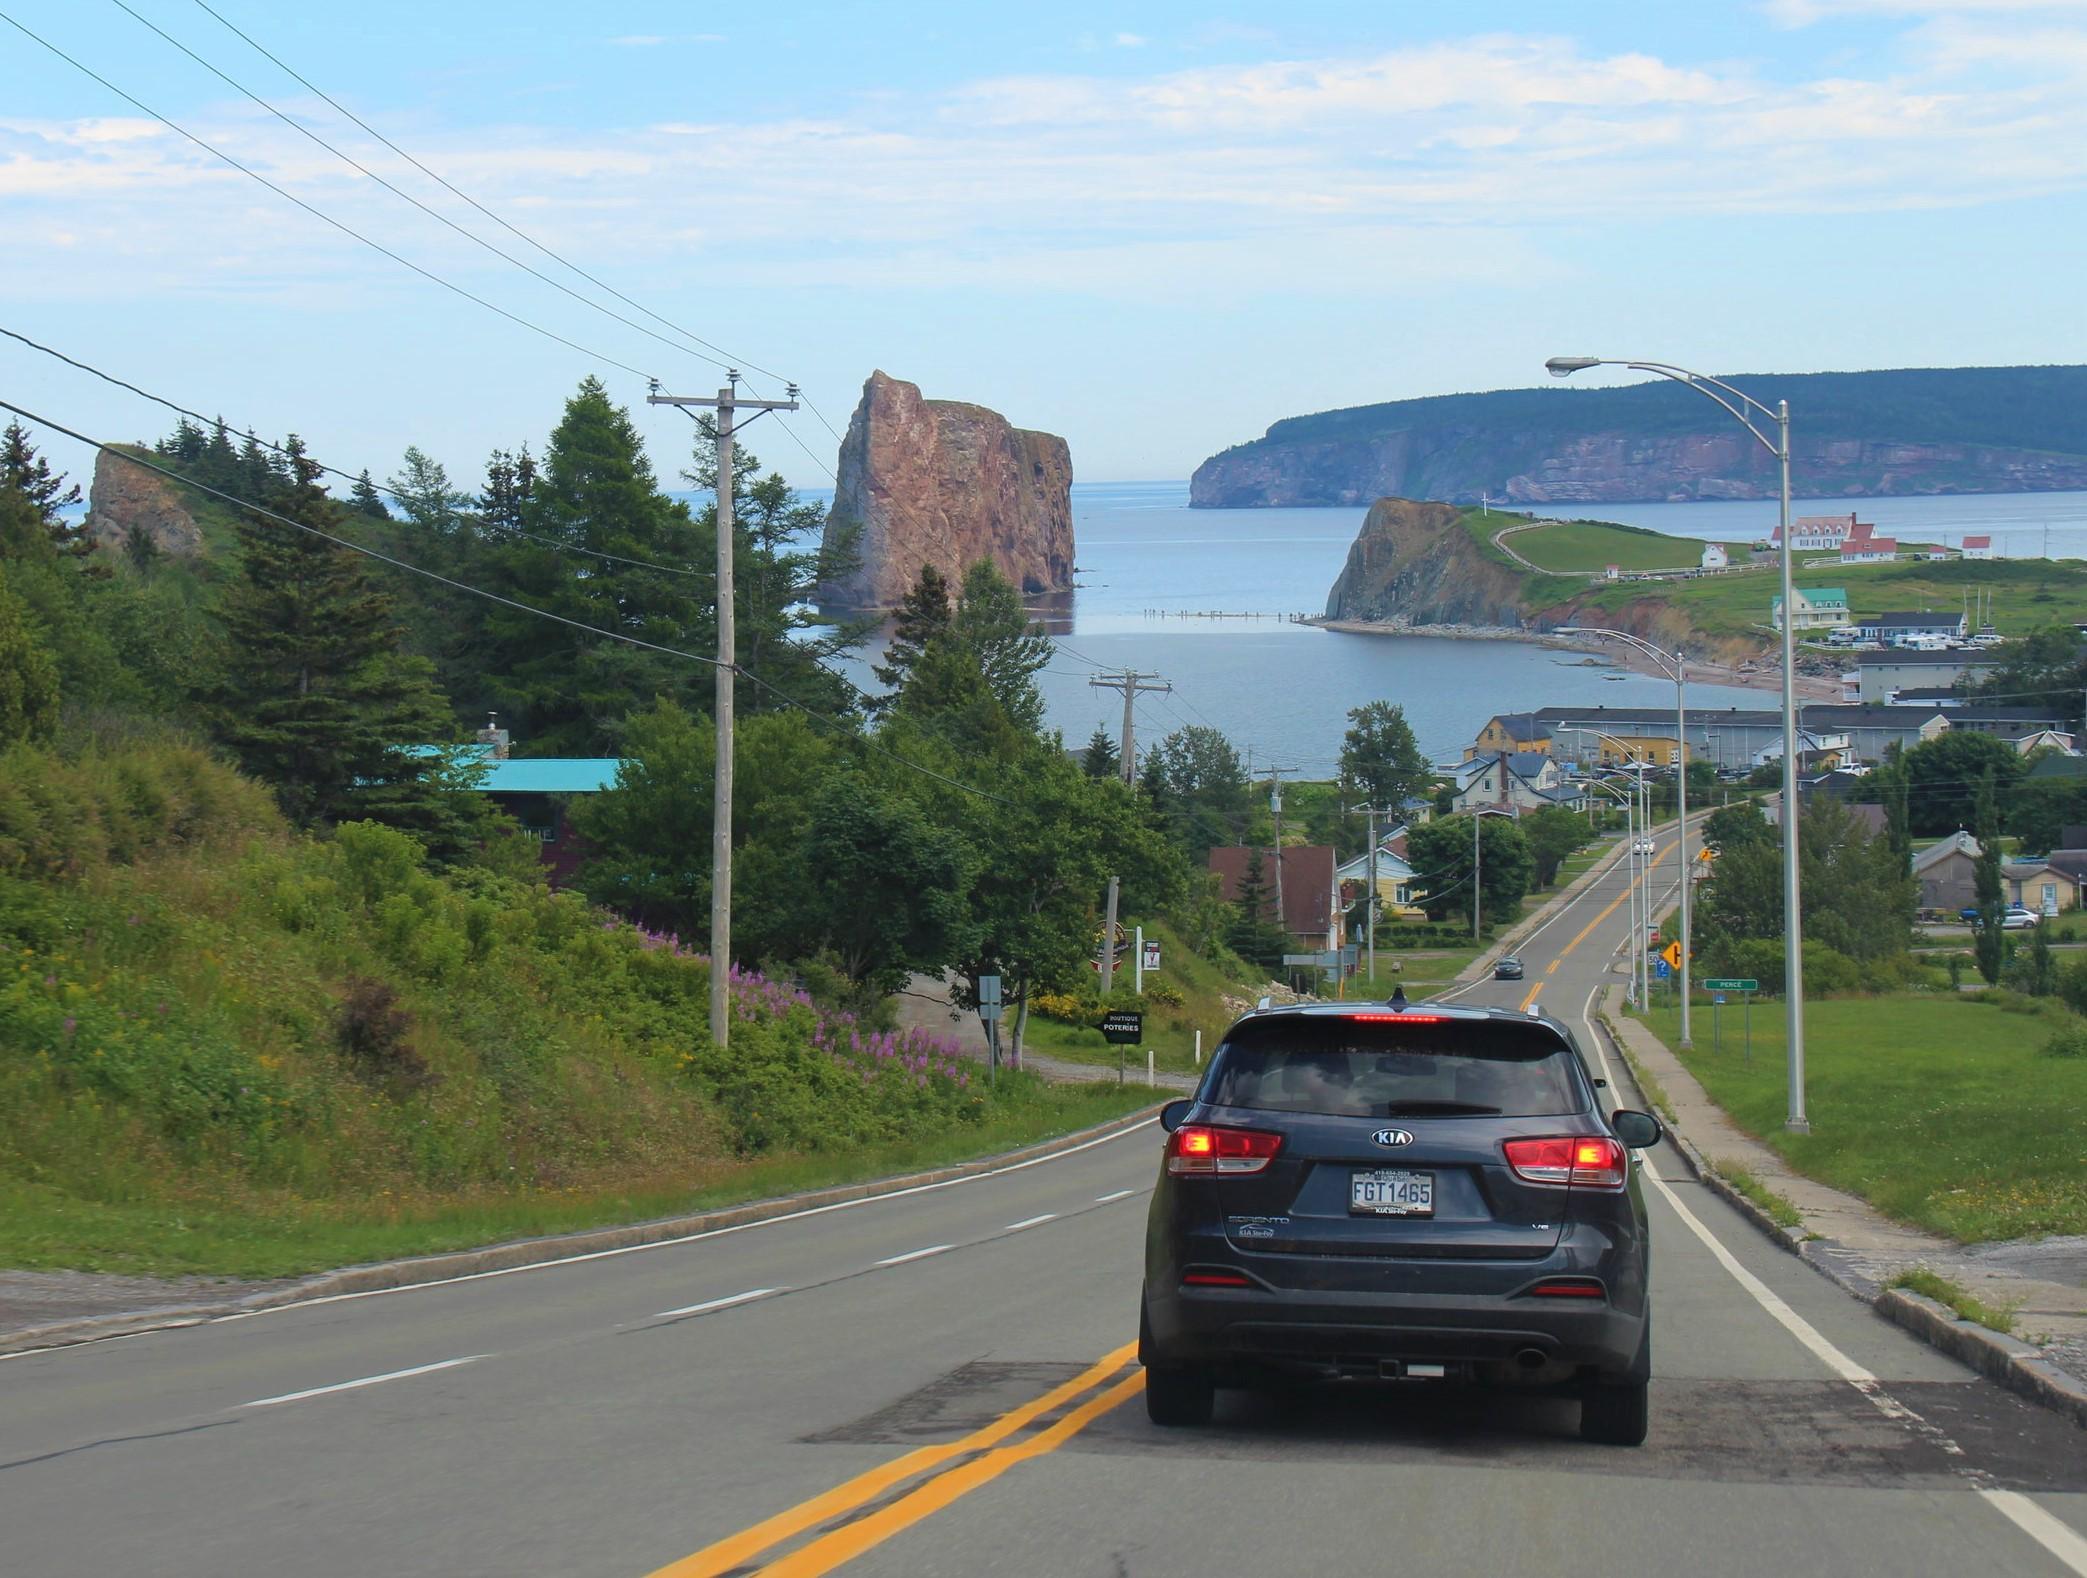 arrivée à Percé, avec vue sur le rocher, en Gaspésie